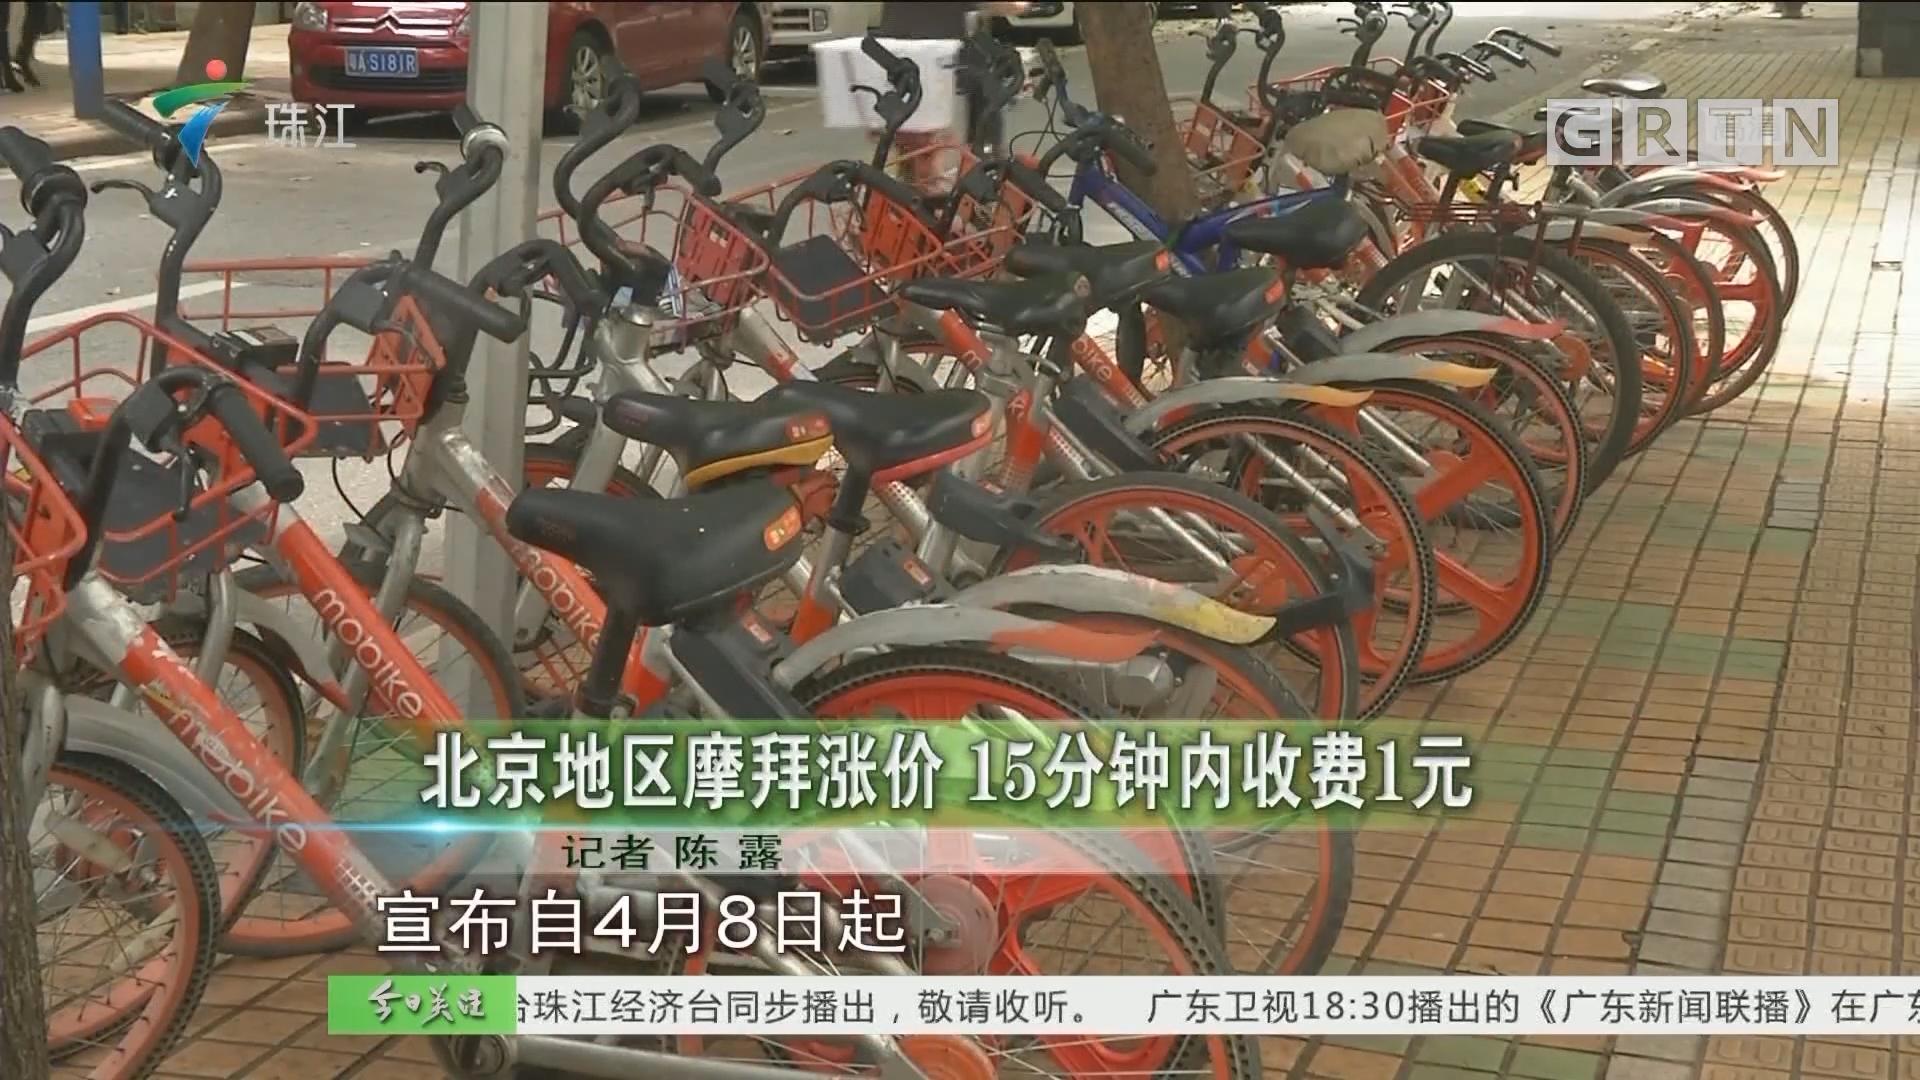 北京地区摩拜涨价 15分钟内收费1元